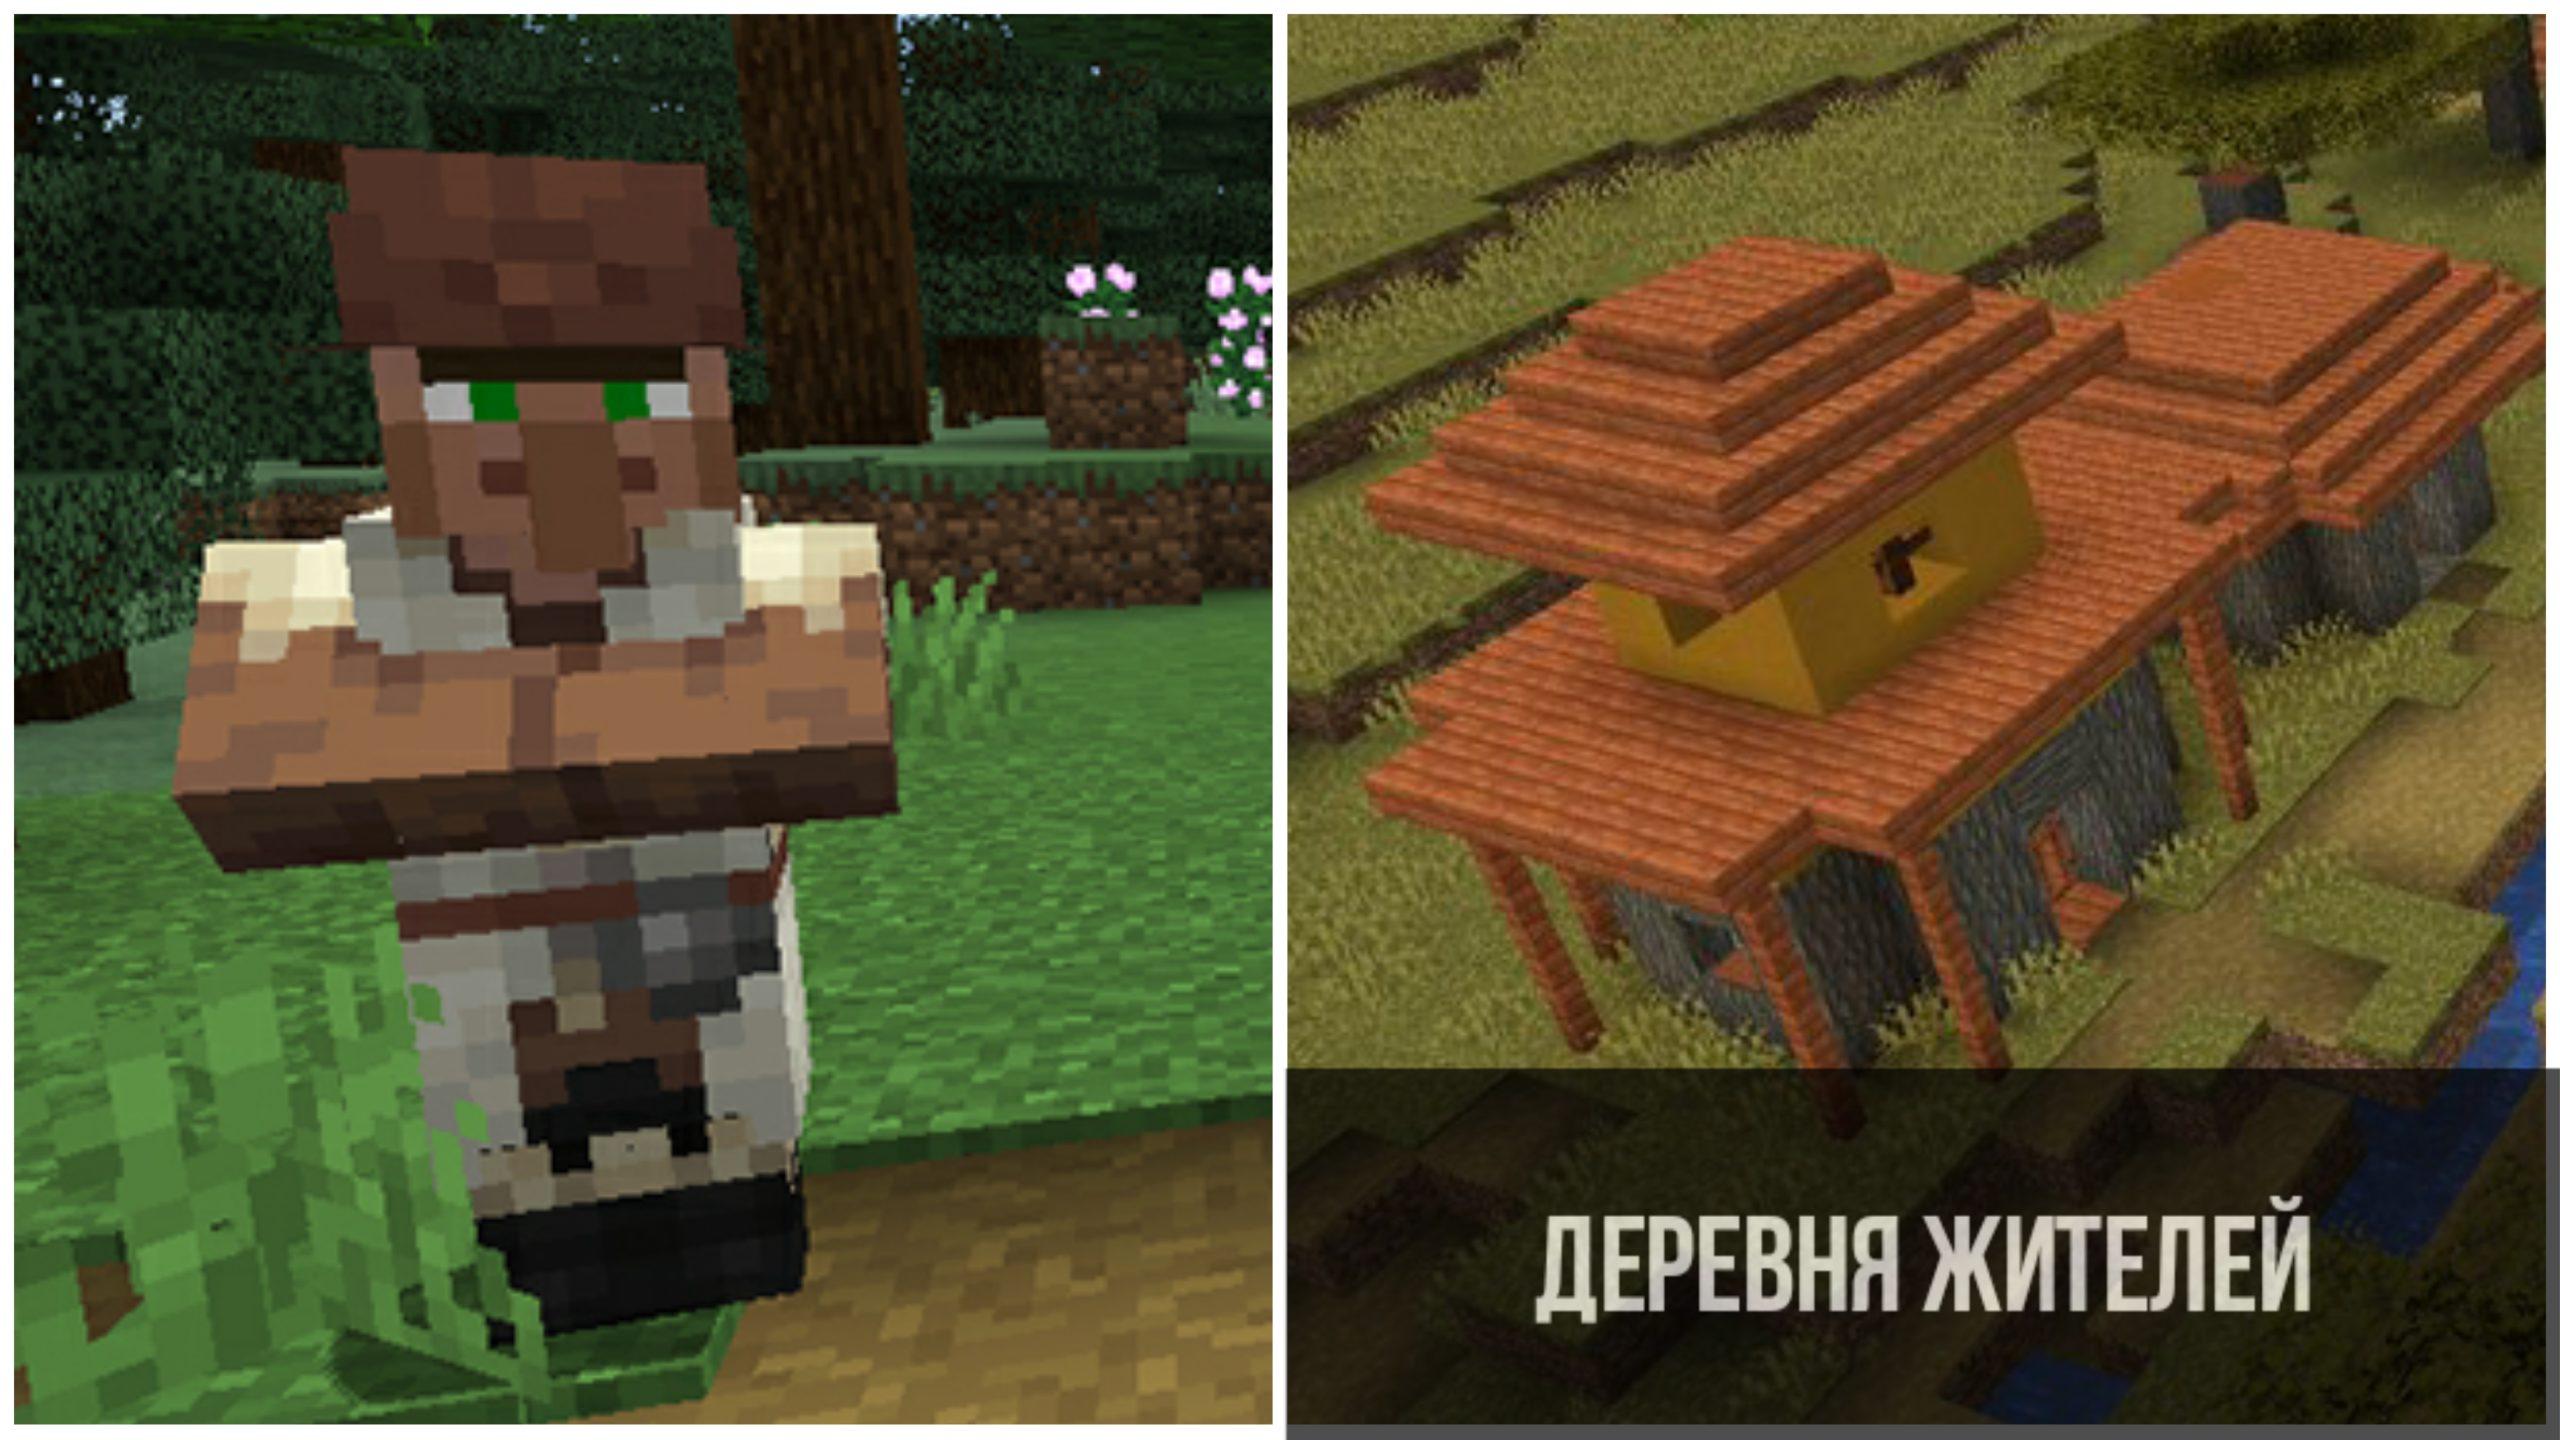 Обновлённая деревня жителей в Minecraft PE 1.11.0.1